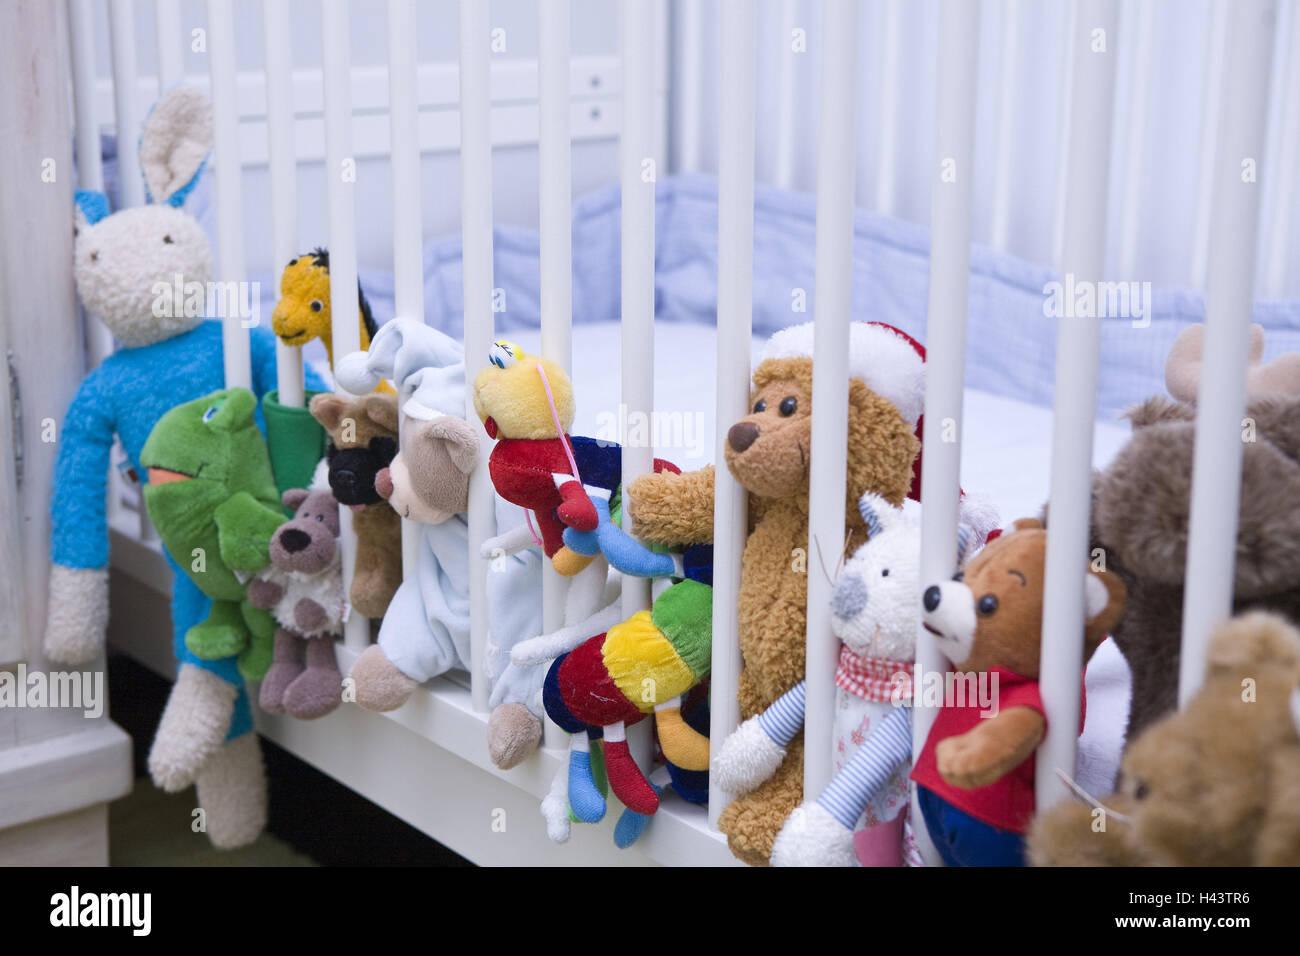 Kinderbett stofftiere kinderzimmer detail